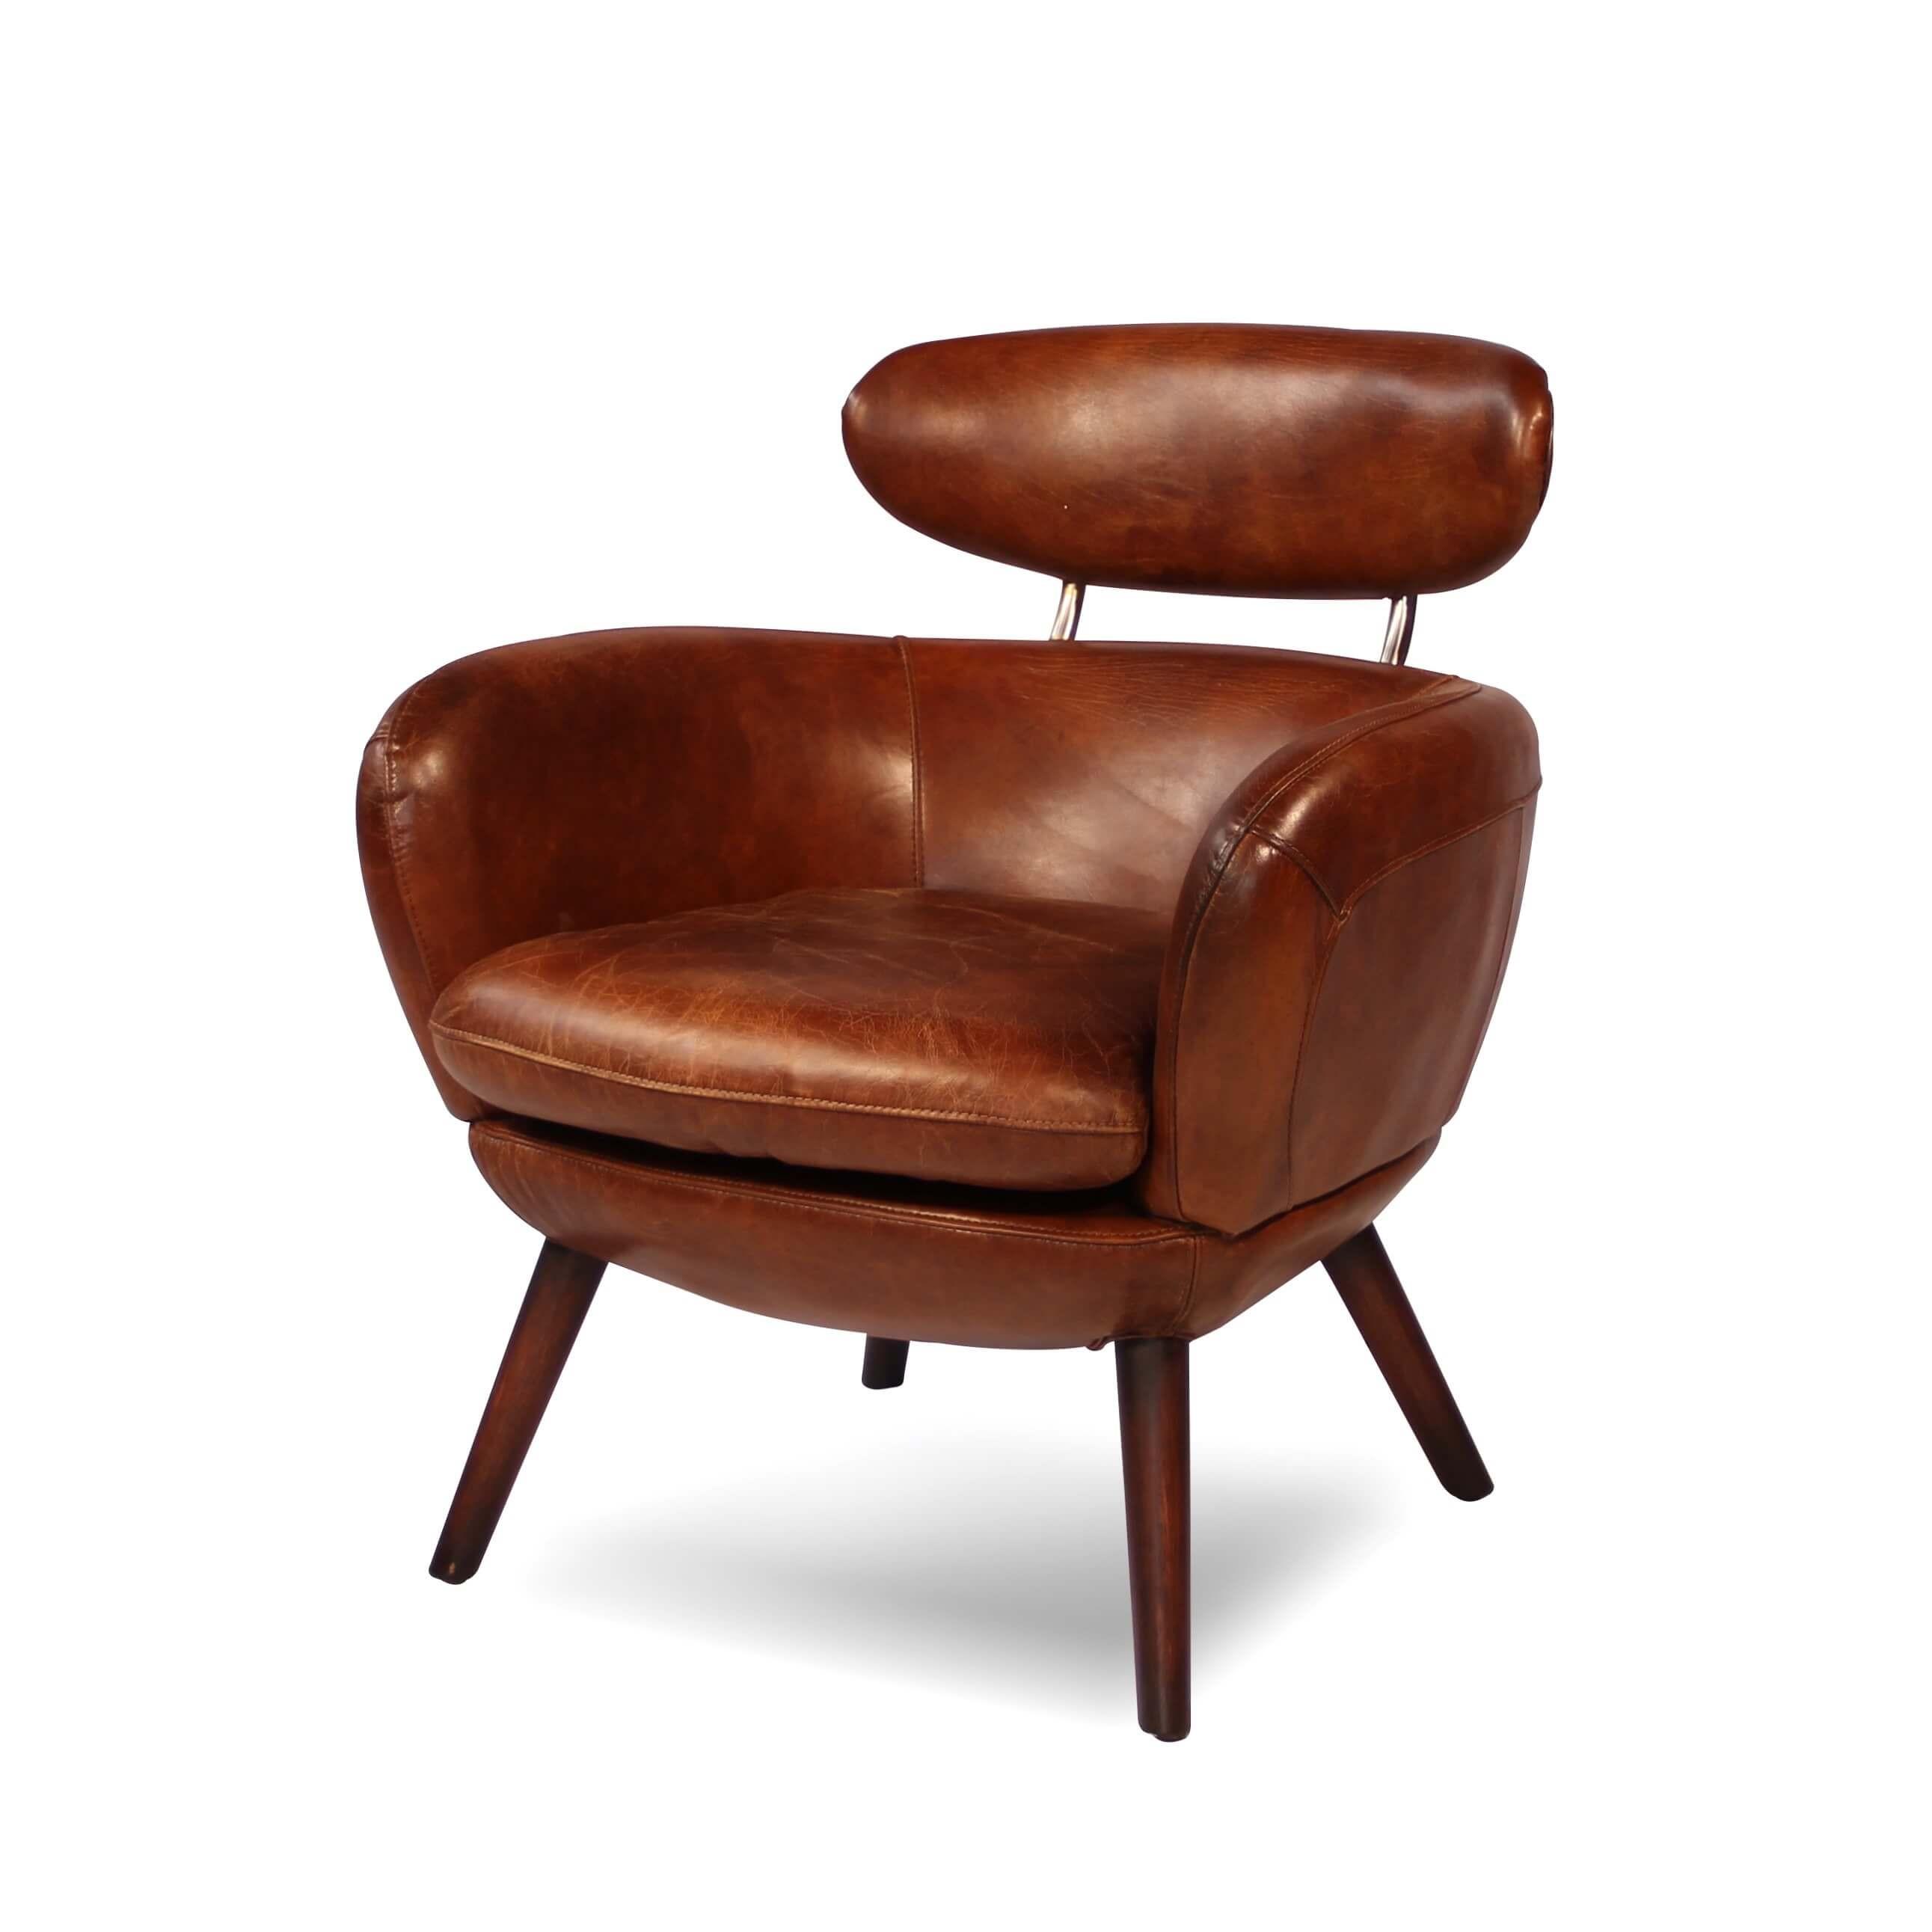 3 sitzer sofagarnitur und 2 braune ledersessel im englischen clubstil. Black Bedroom Furniture Sets. Home Design Ideas